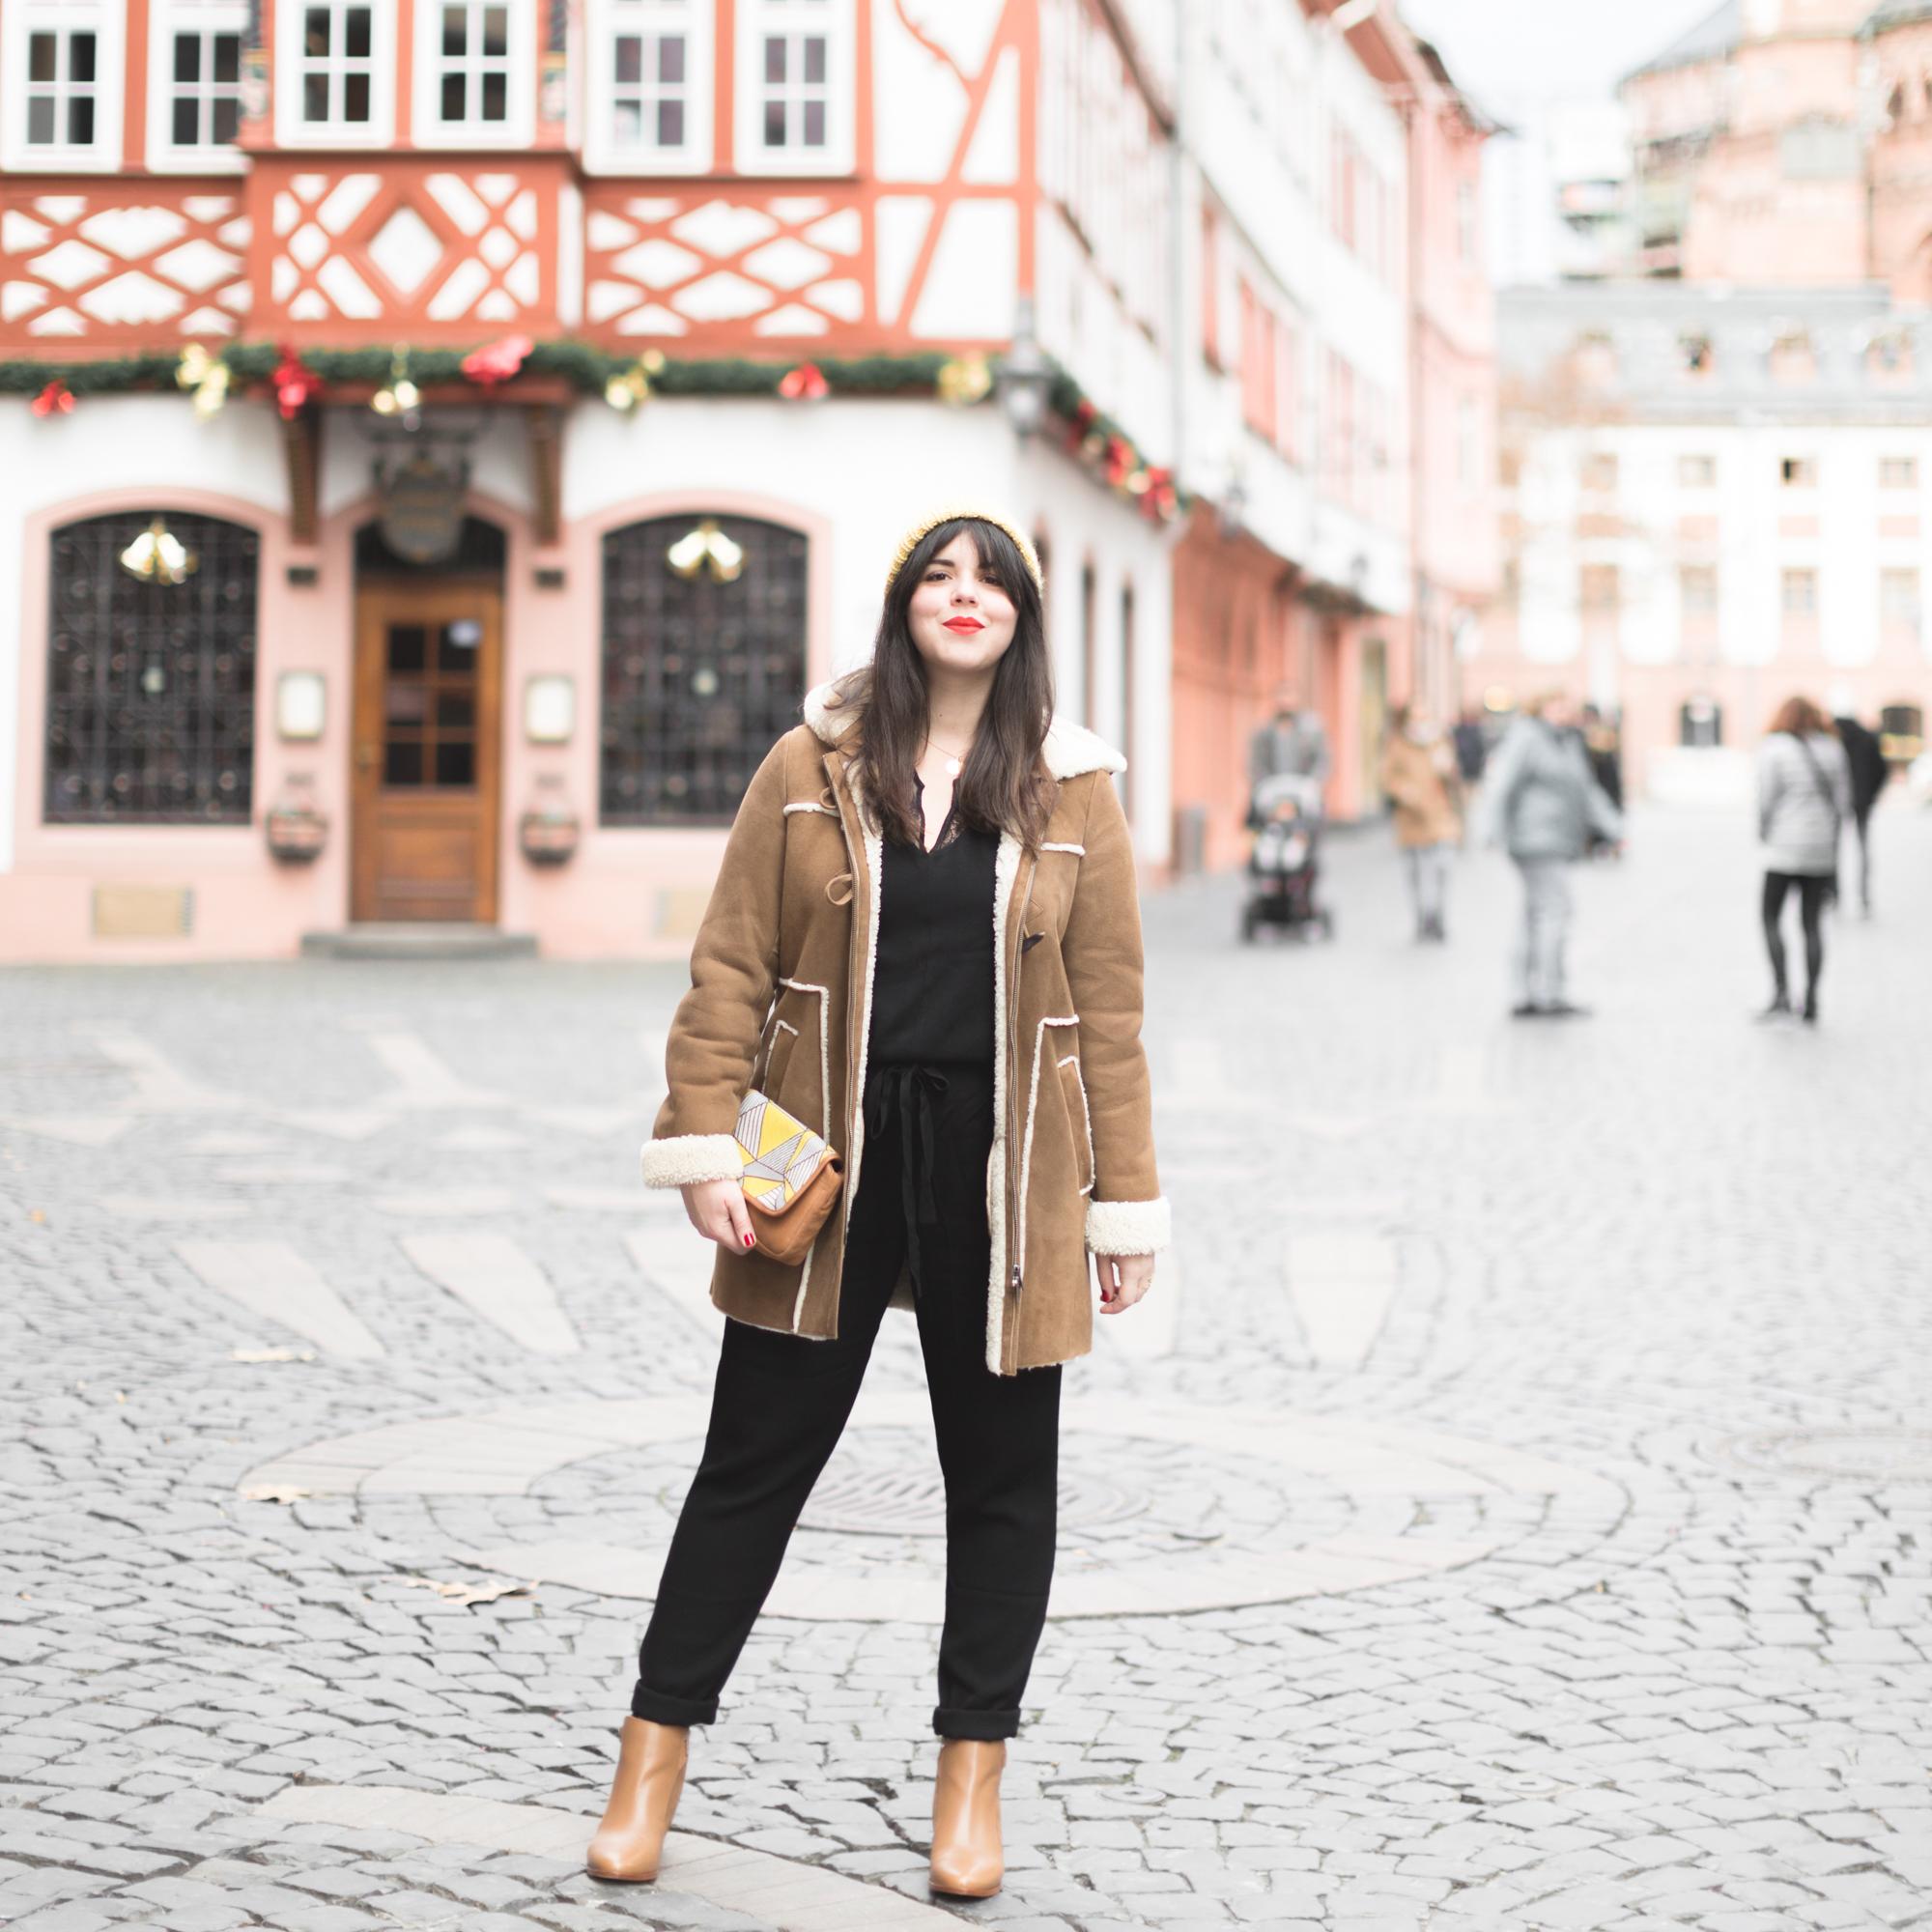 1insta_comptoir_des_cotonniers_peau_lainee_copyright_pauline_fashionblog_blog_mode-1